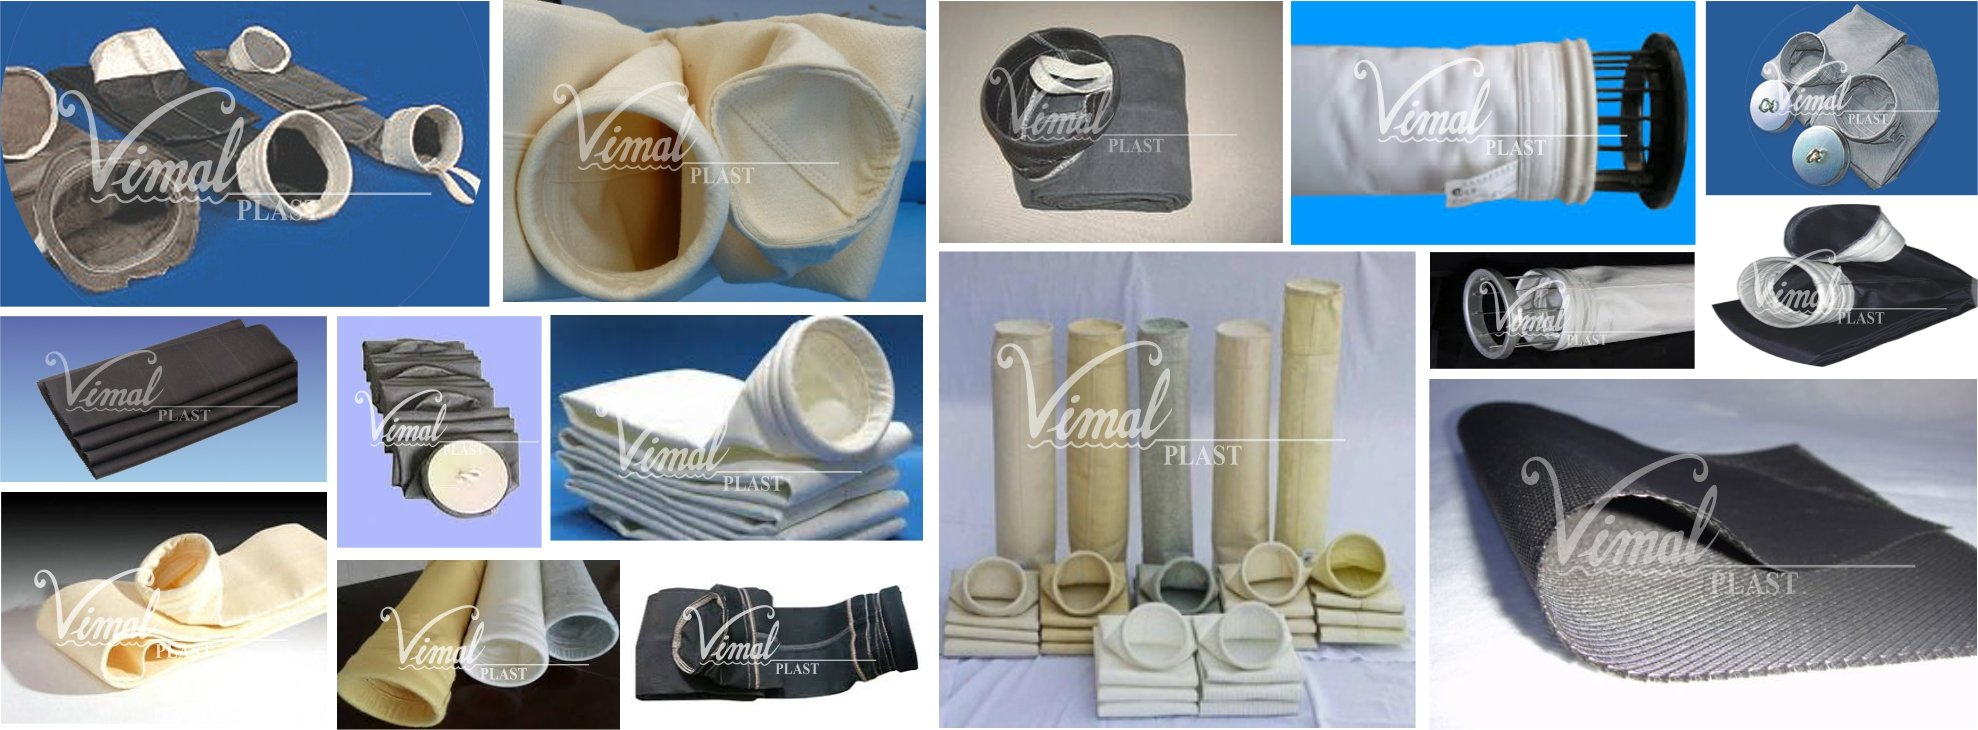 vimal plast products